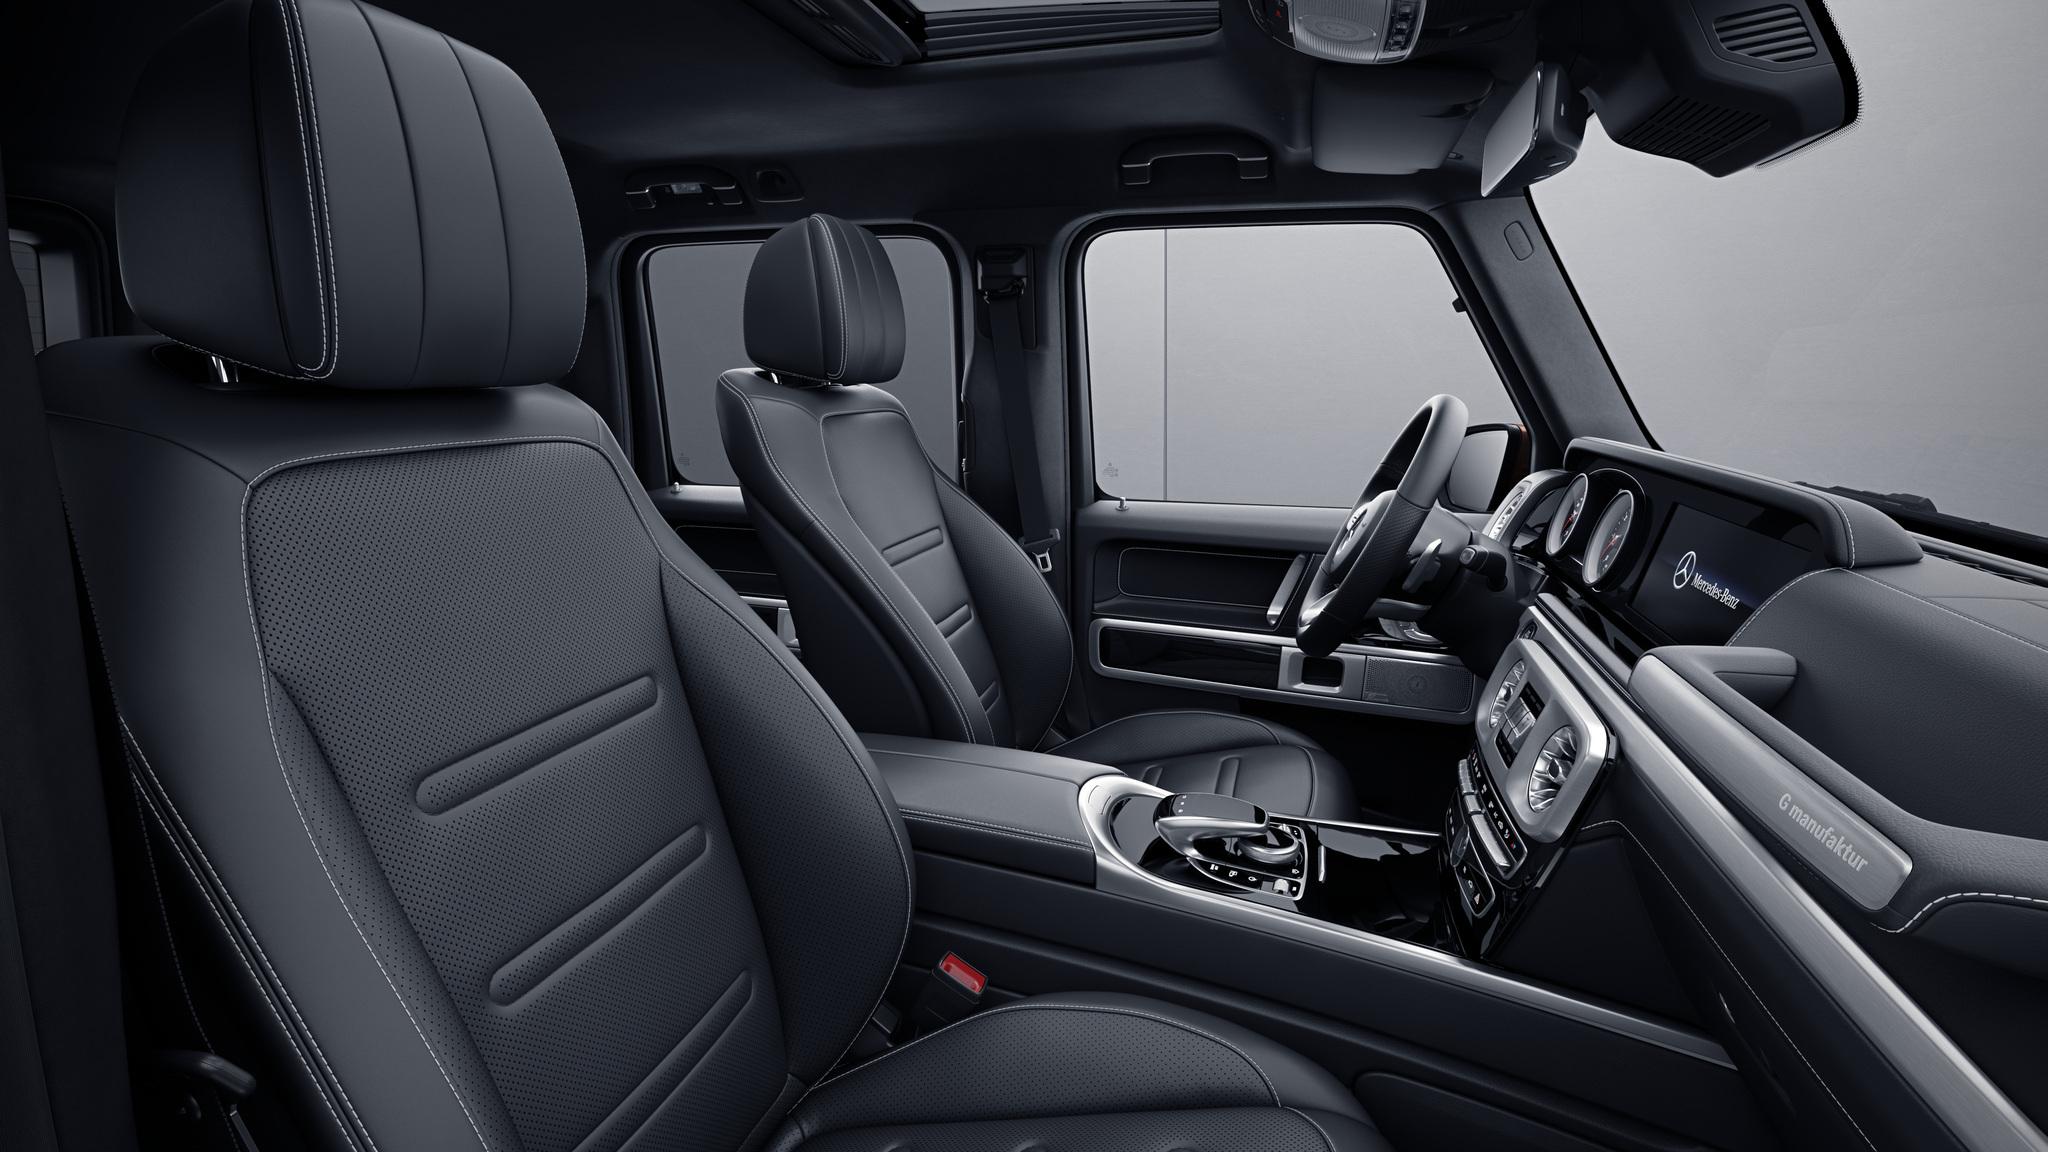 Habitacle de la Mercedes Classe G avec une Sellerie Cuir Nappa G manufaktur - Noir avec surpiqure contrastée blanche